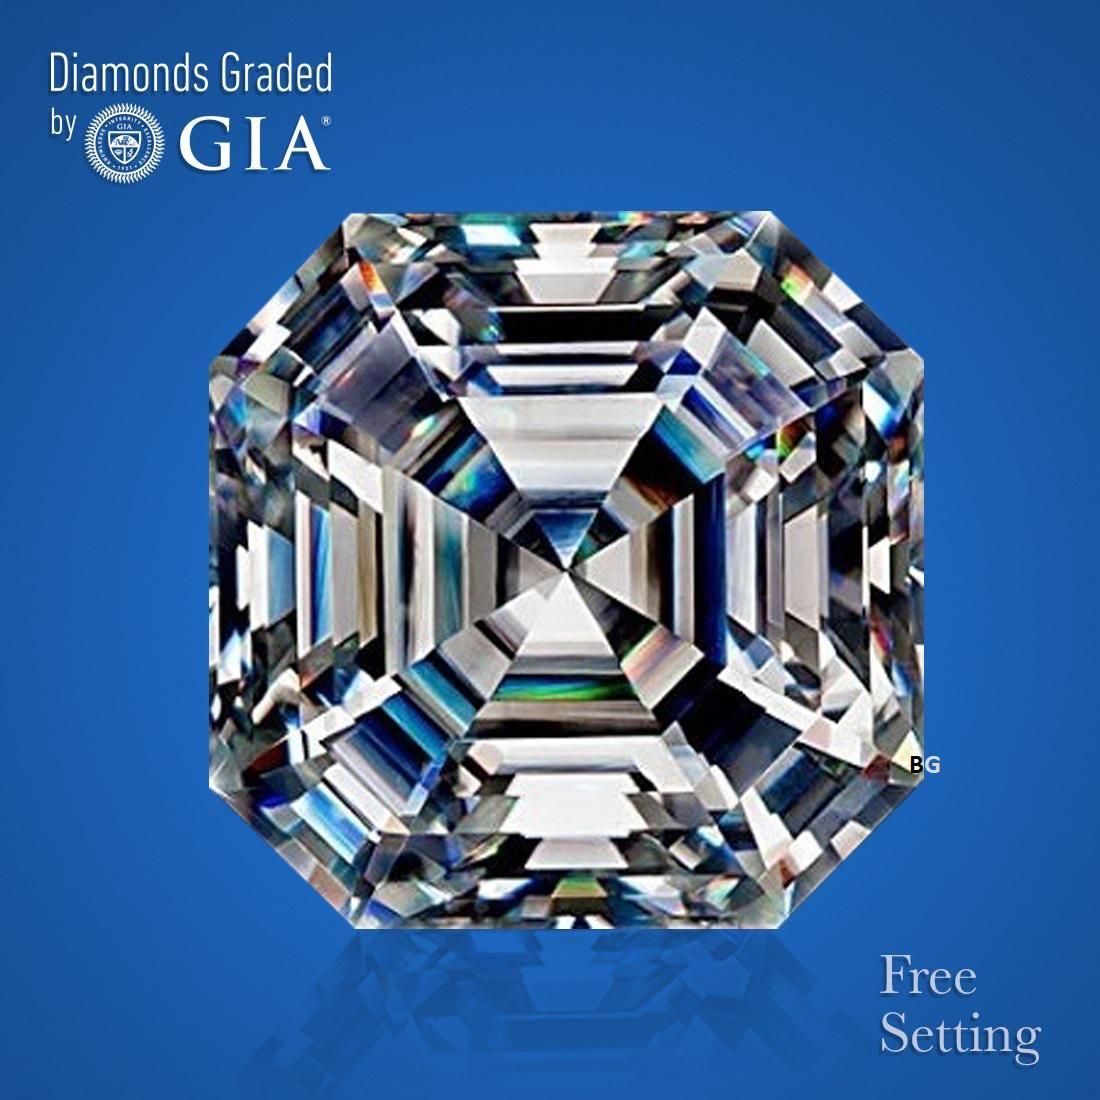 1.70 ct, Color F/VVS2, Sq. Emerald cut GIA Graded